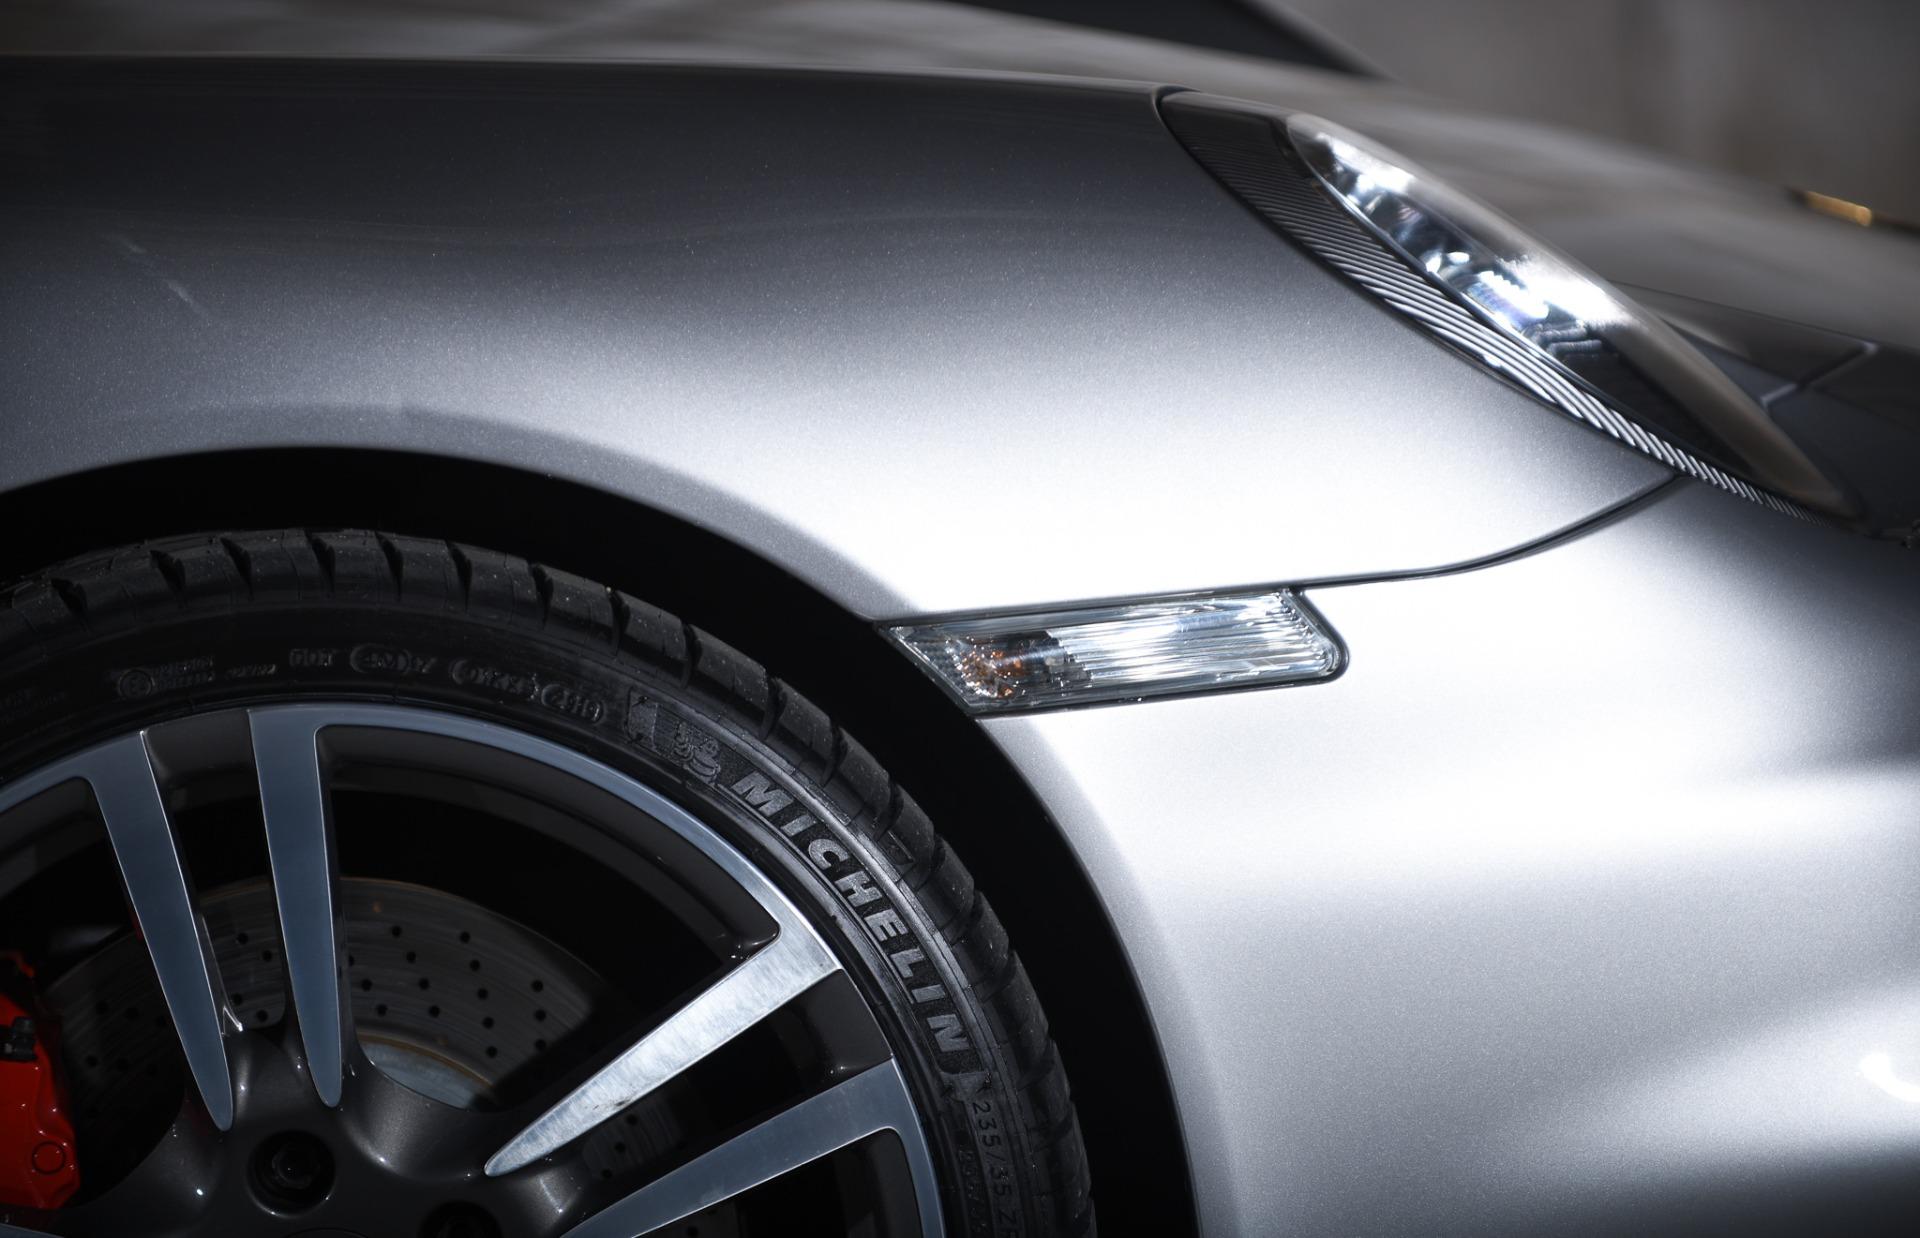 Used 2011 Porsche Turbo  | Valley Stream, NY